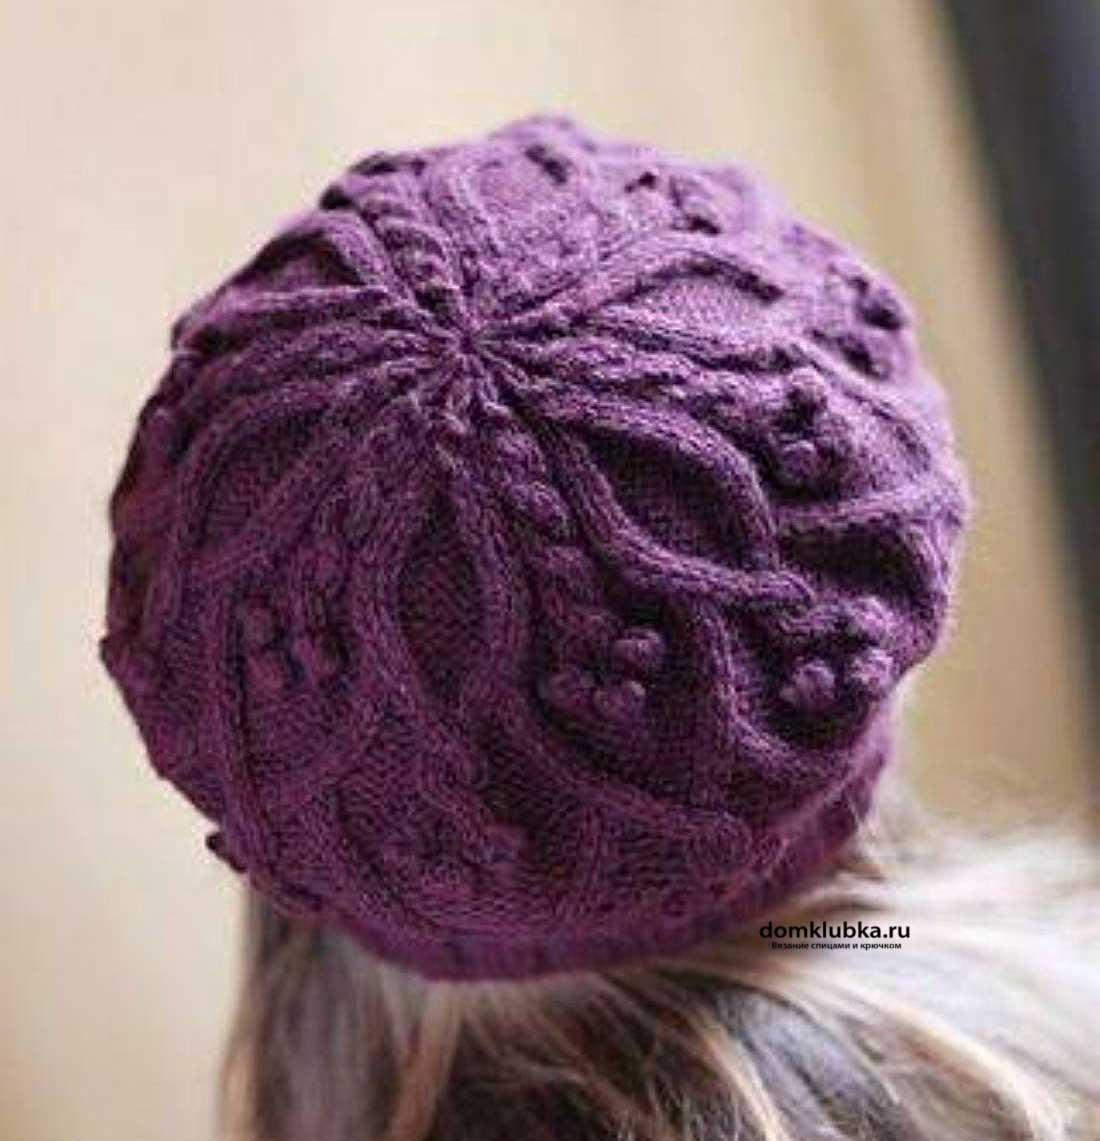 вязание беретов с косами спицами для женщин схемы